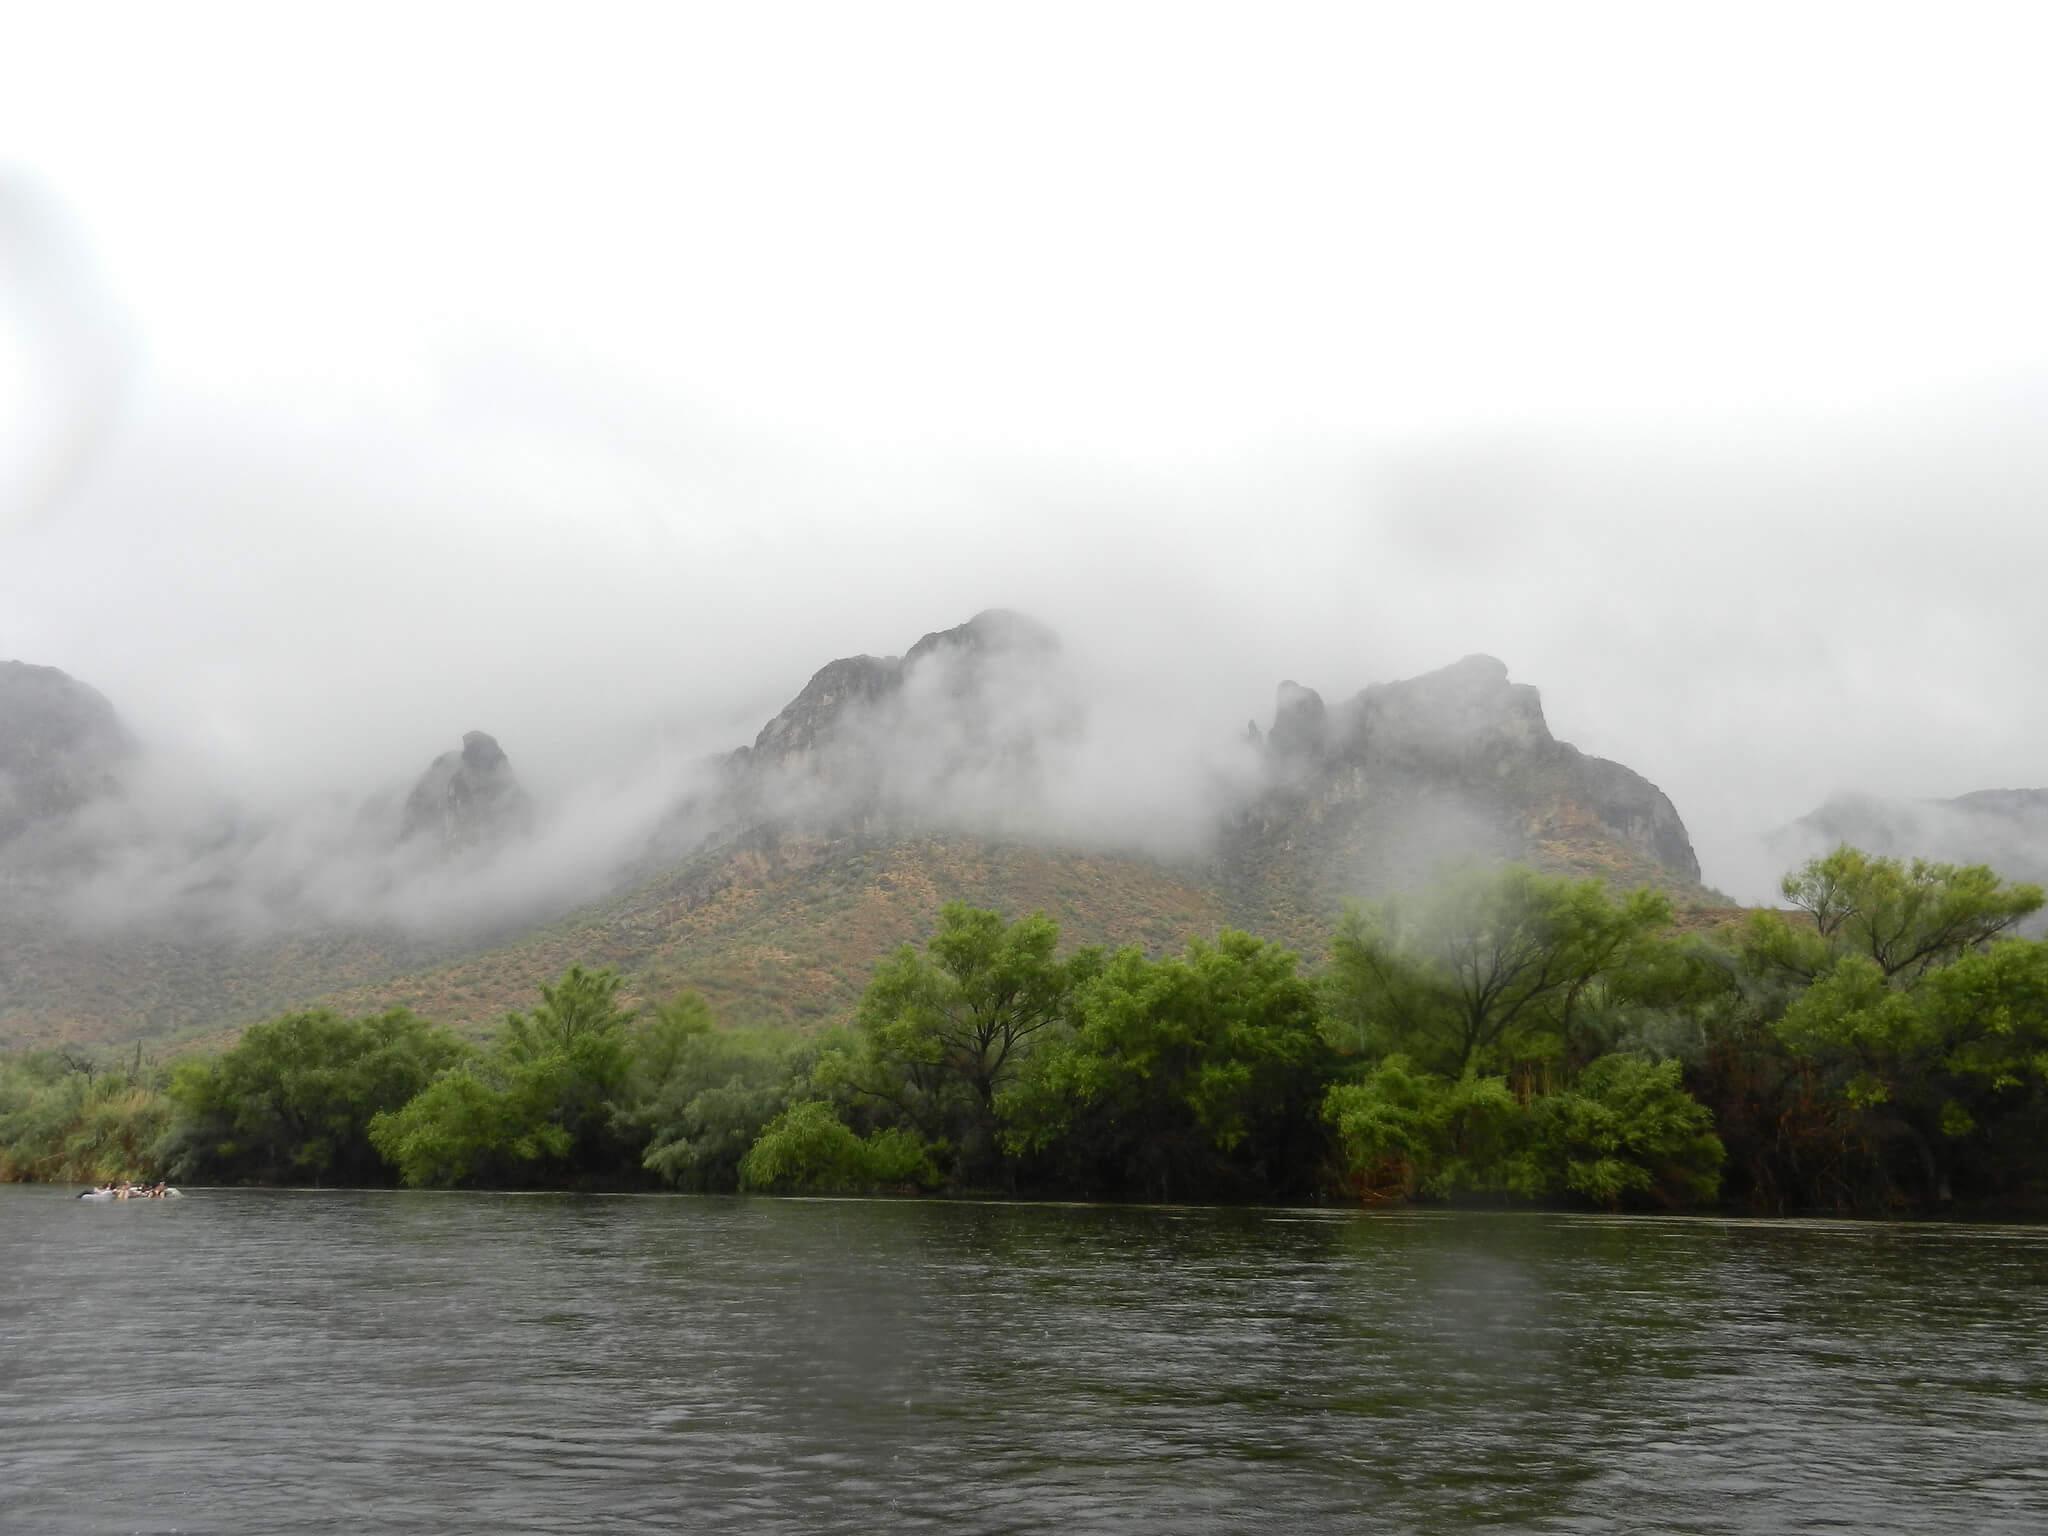 Fog over the river. Flickr User Jeff Kucharski